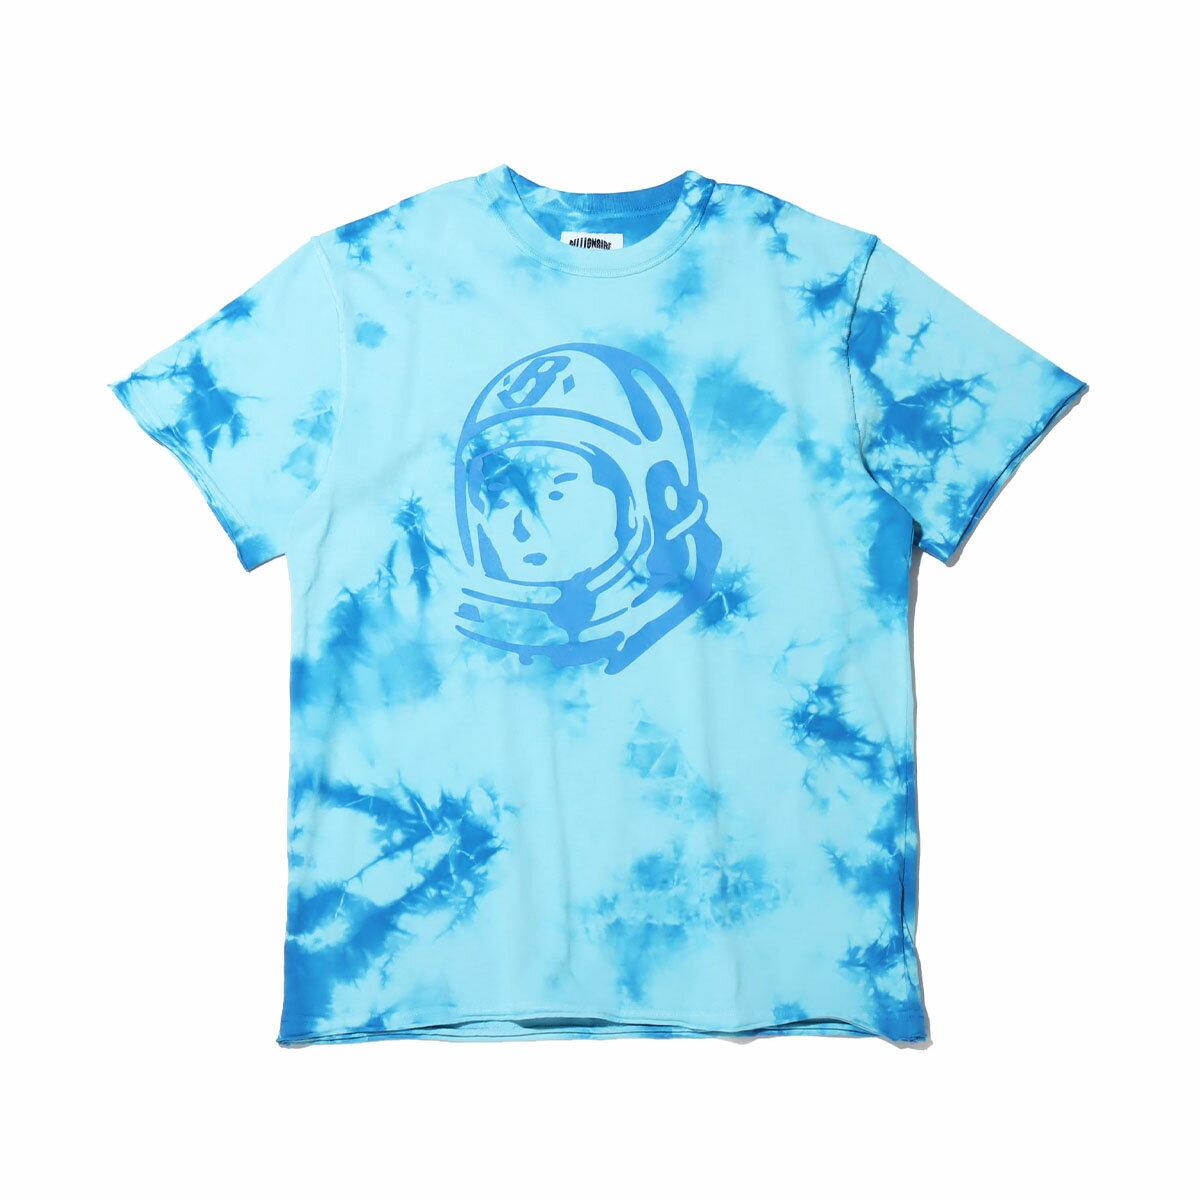 トップス, Tシャツ・カットソー BILLIONAIRE BOYS CLUB BB SUN FLARE T-SHIRT( )BLUE T20SU-I at20-c